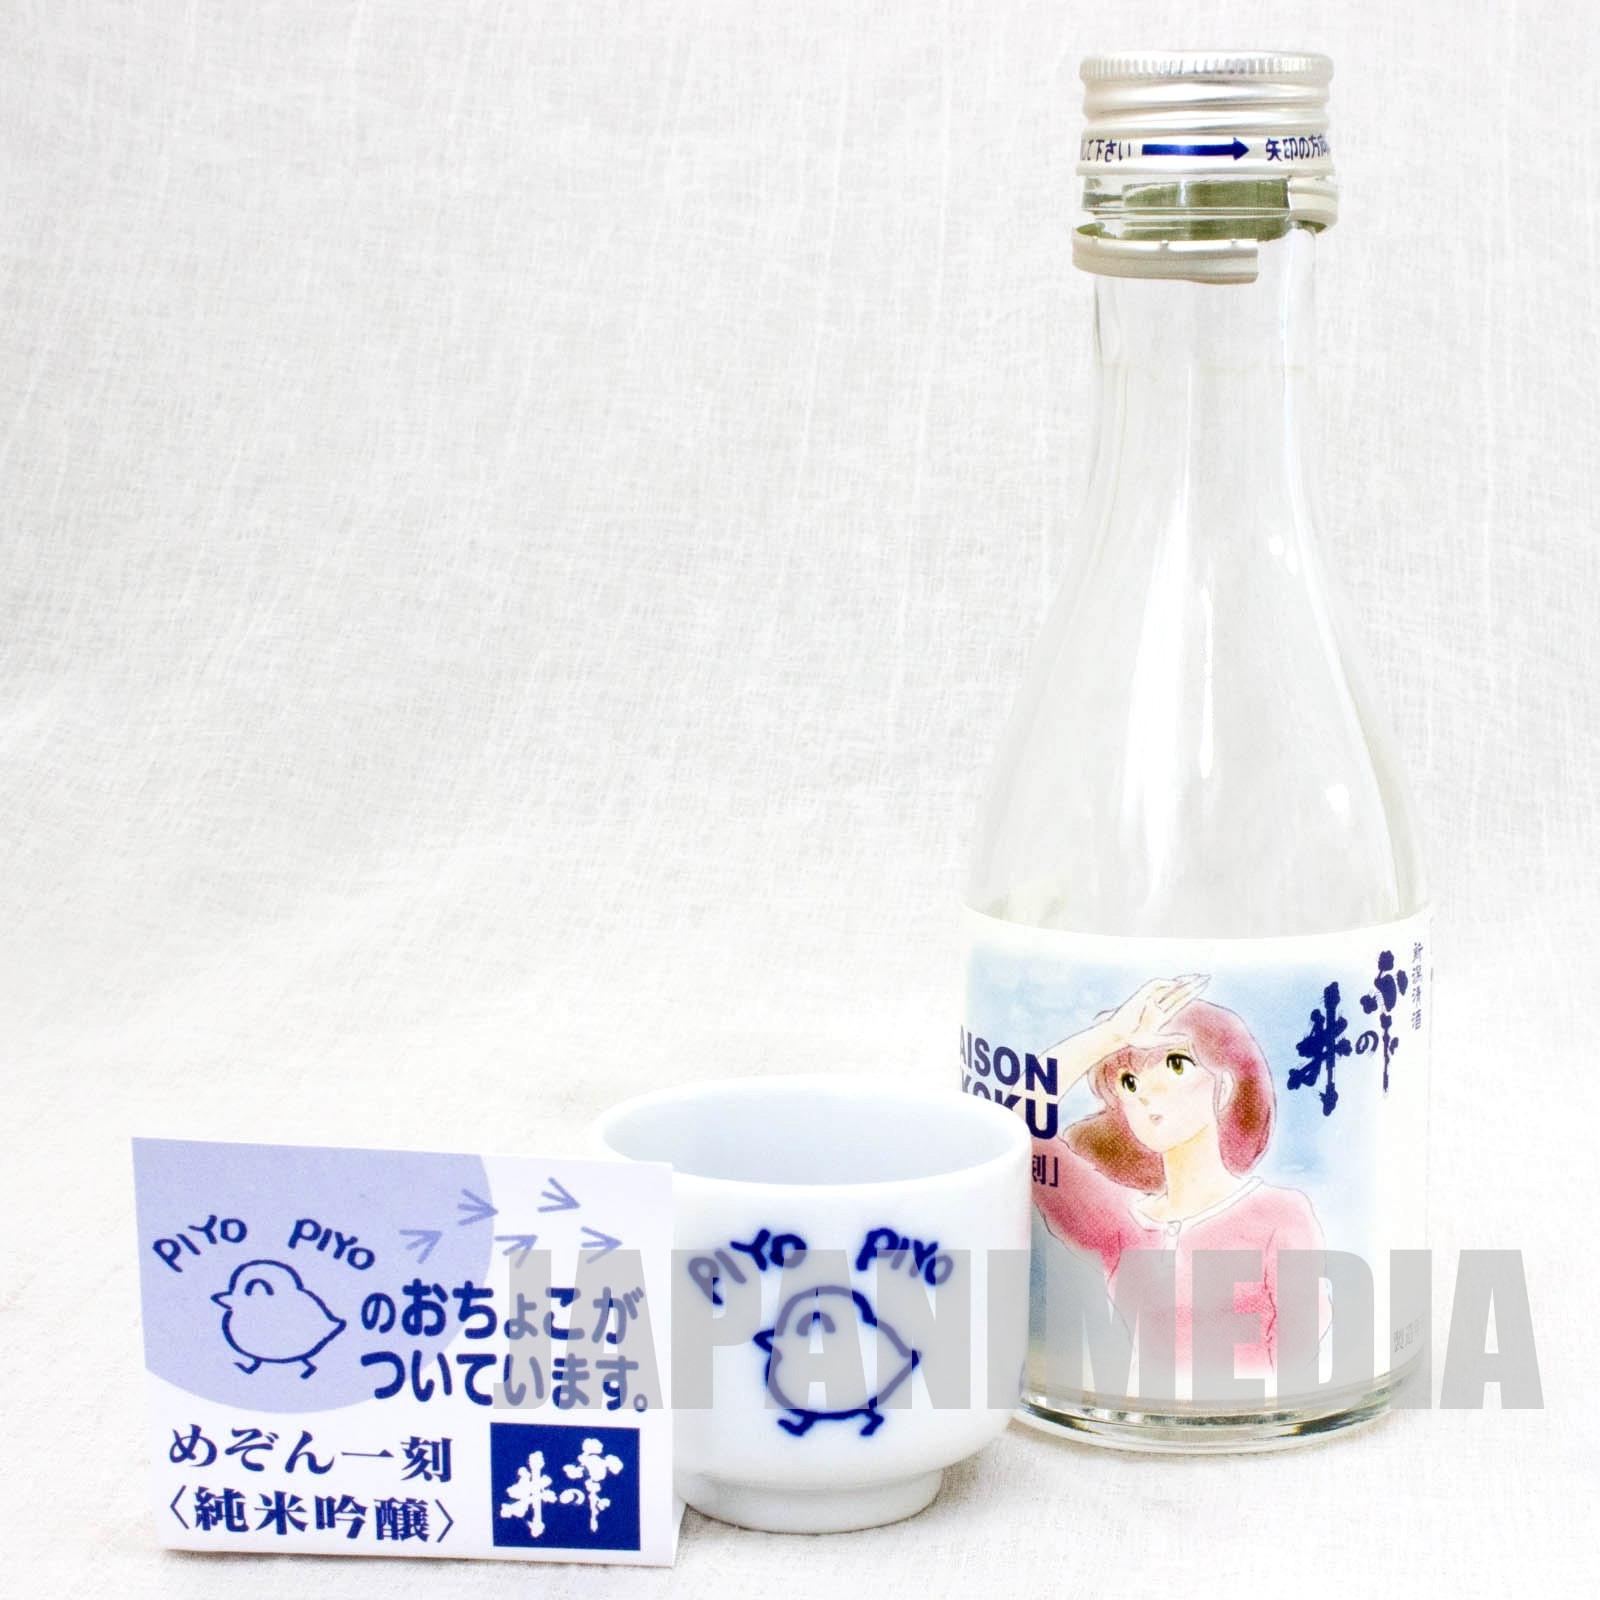 Maison Ikkoku Japanese Cup Ochoko & Glass bottle (Empty) JAPAN MANGA